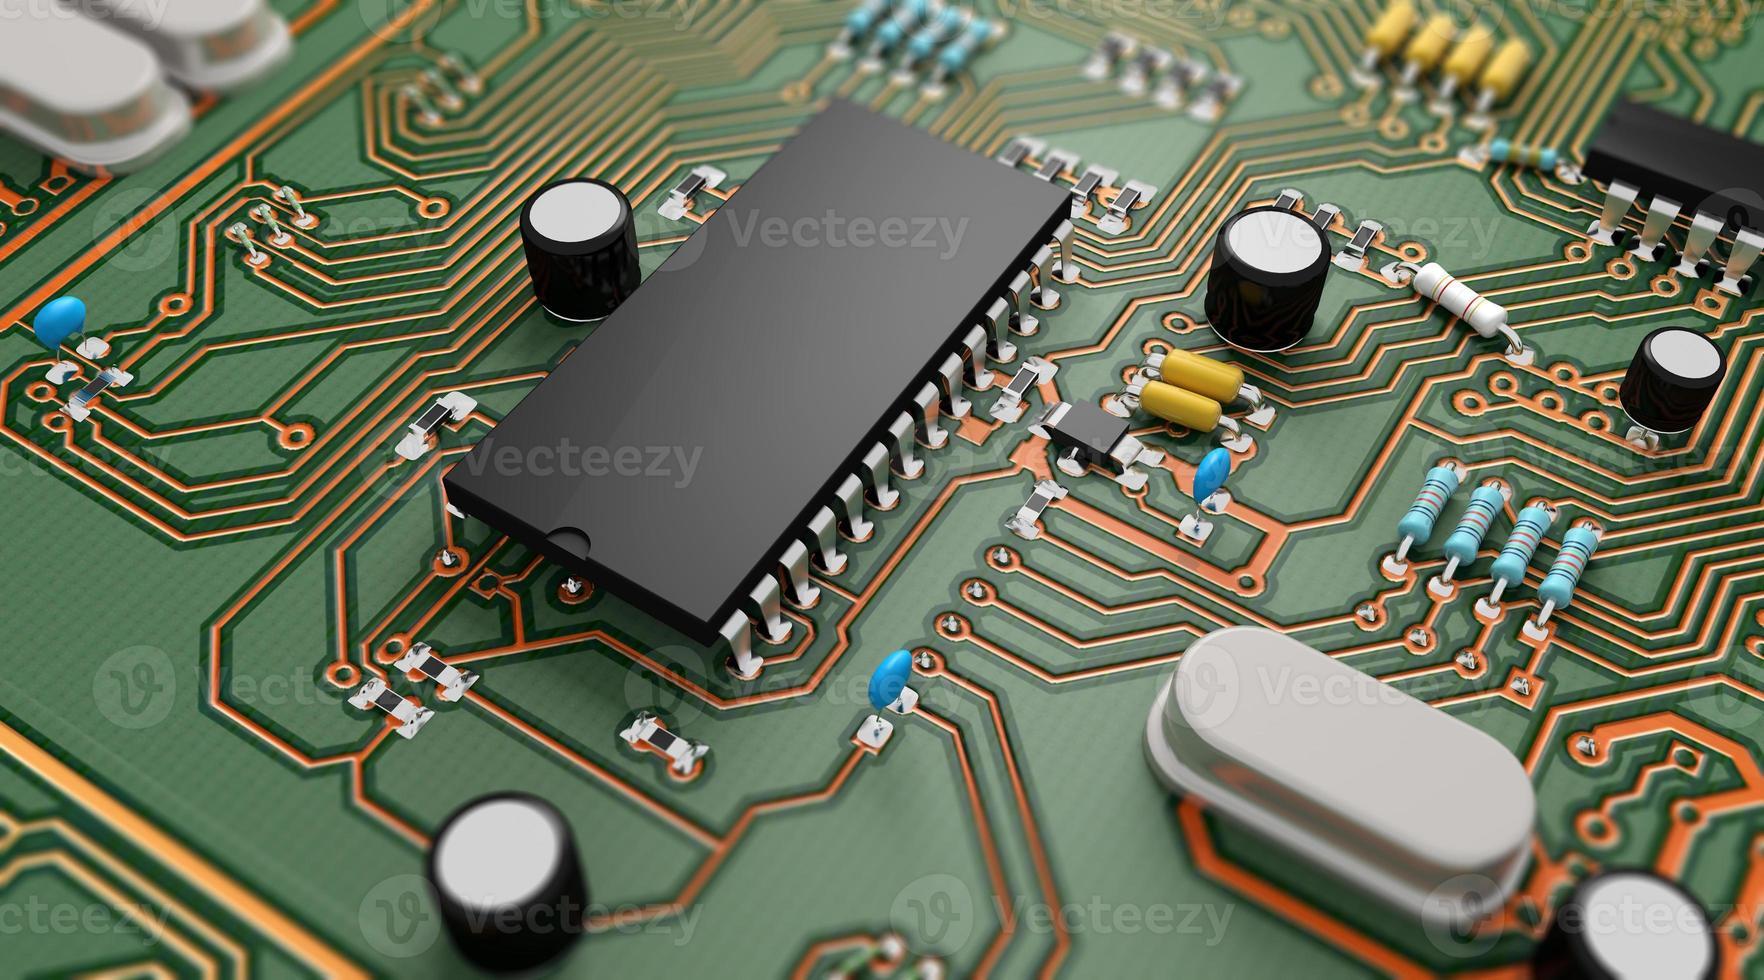 elektronische Leiterplatte foto